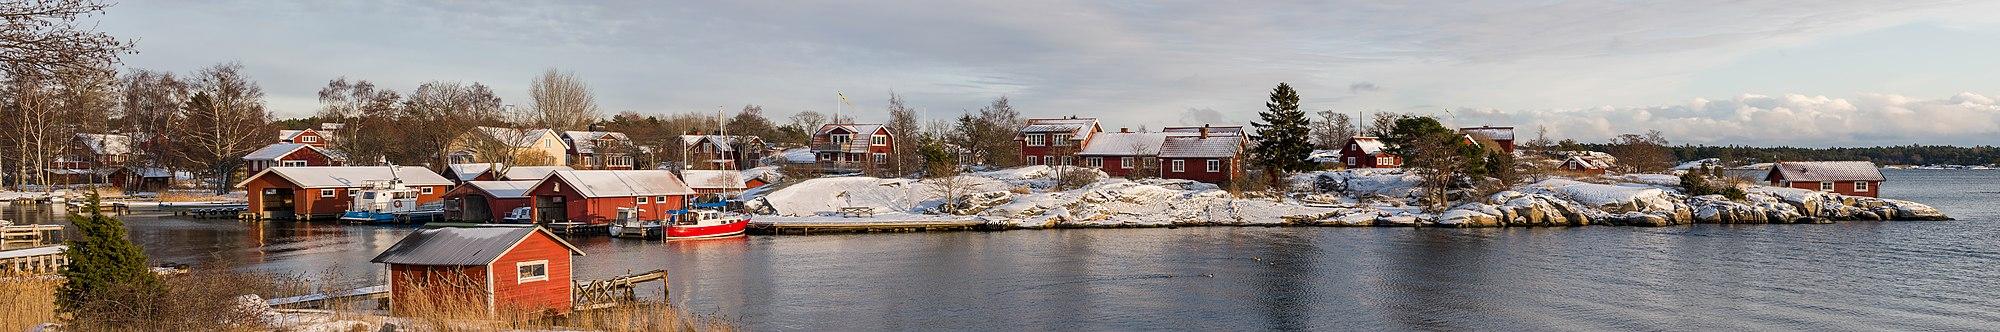 Bagarstuga - Kringla